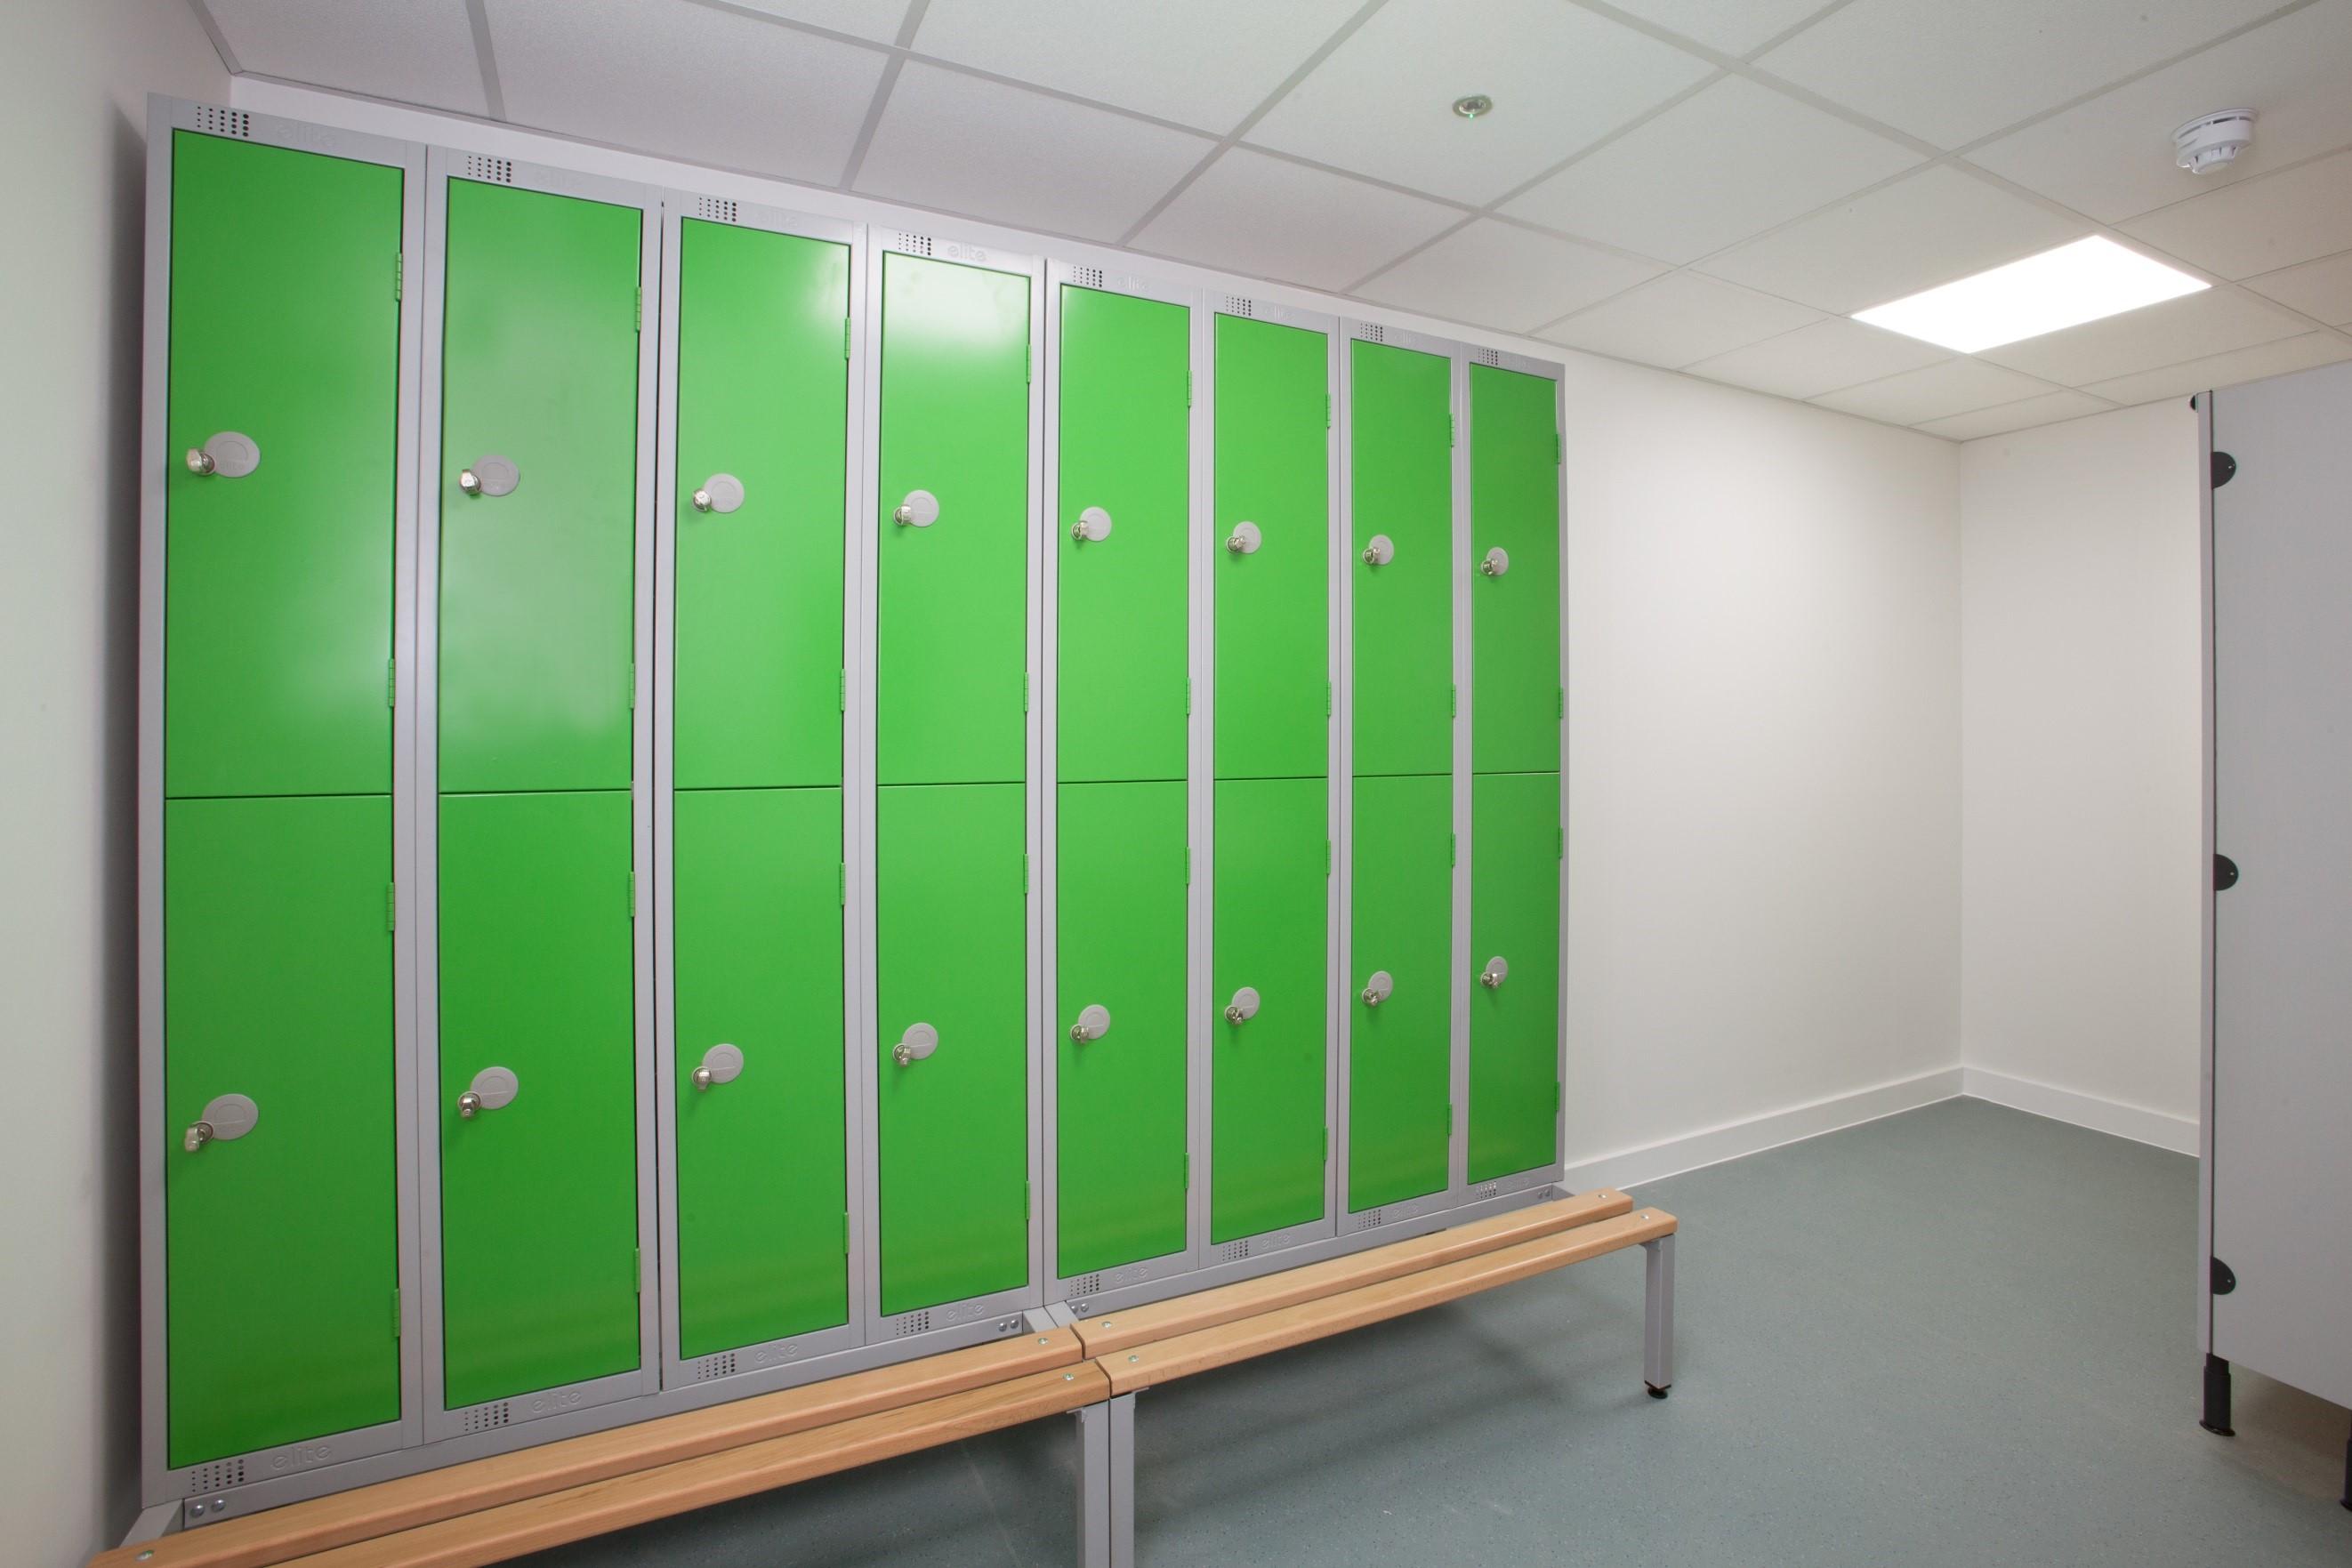 CPK- Staff Locker Room